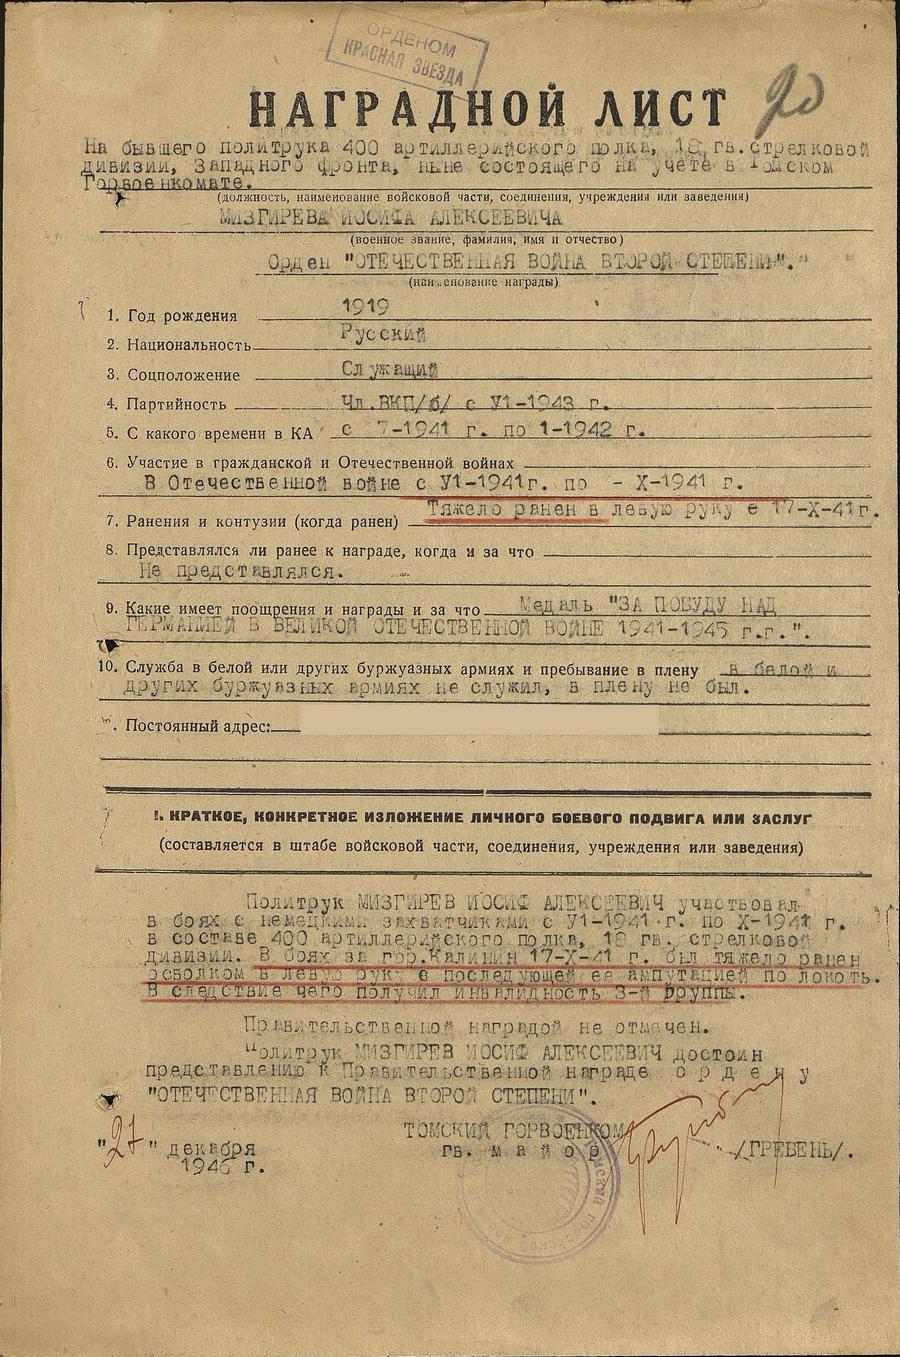 """Наградной лист Мизгирева И. А. 1946 г. // ОБД """"Подвиг народа"""""""